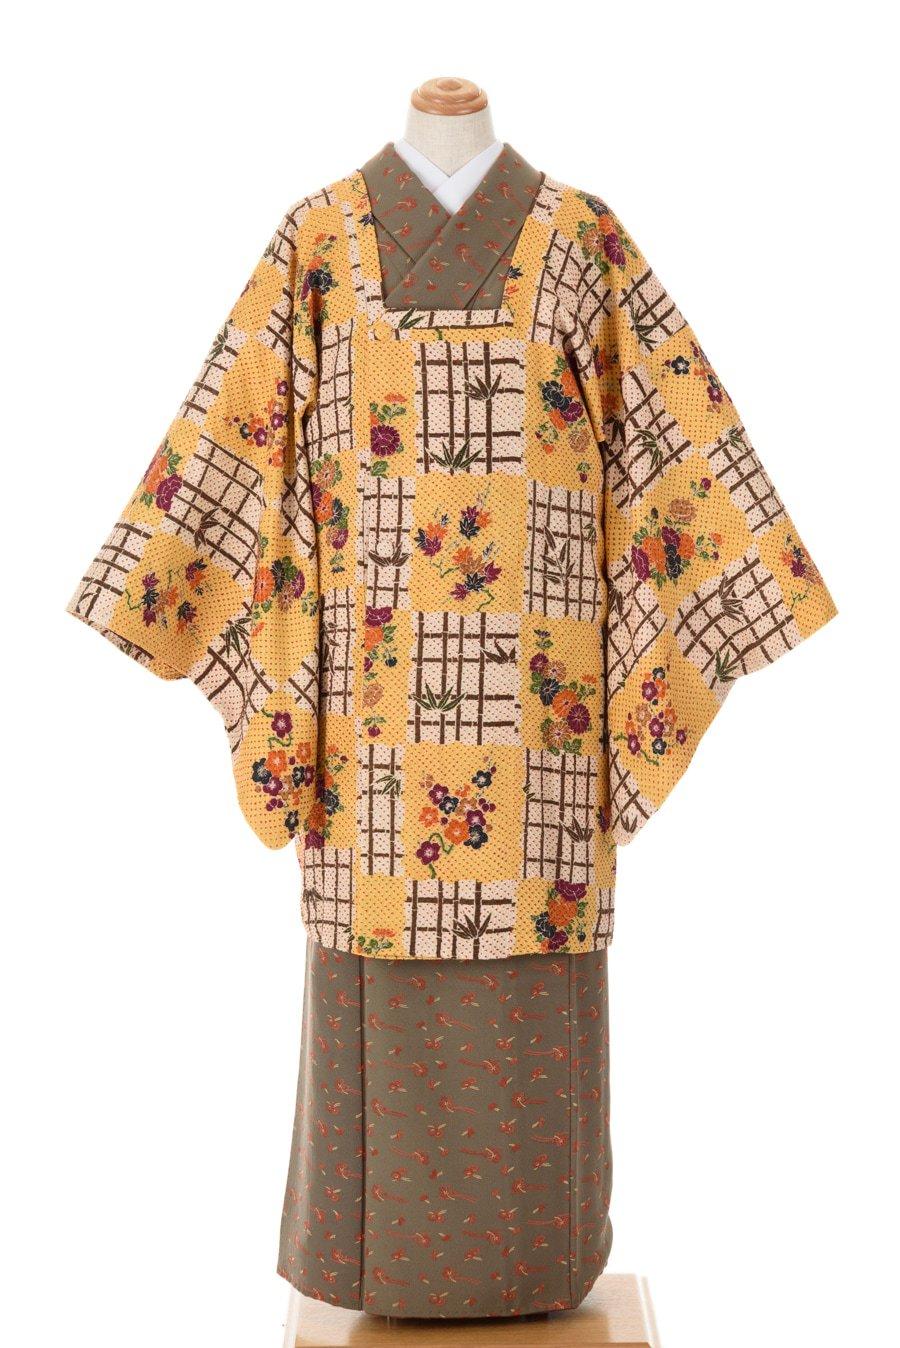 「道行コート 絞り 四季の花と竹格子」の商品画像